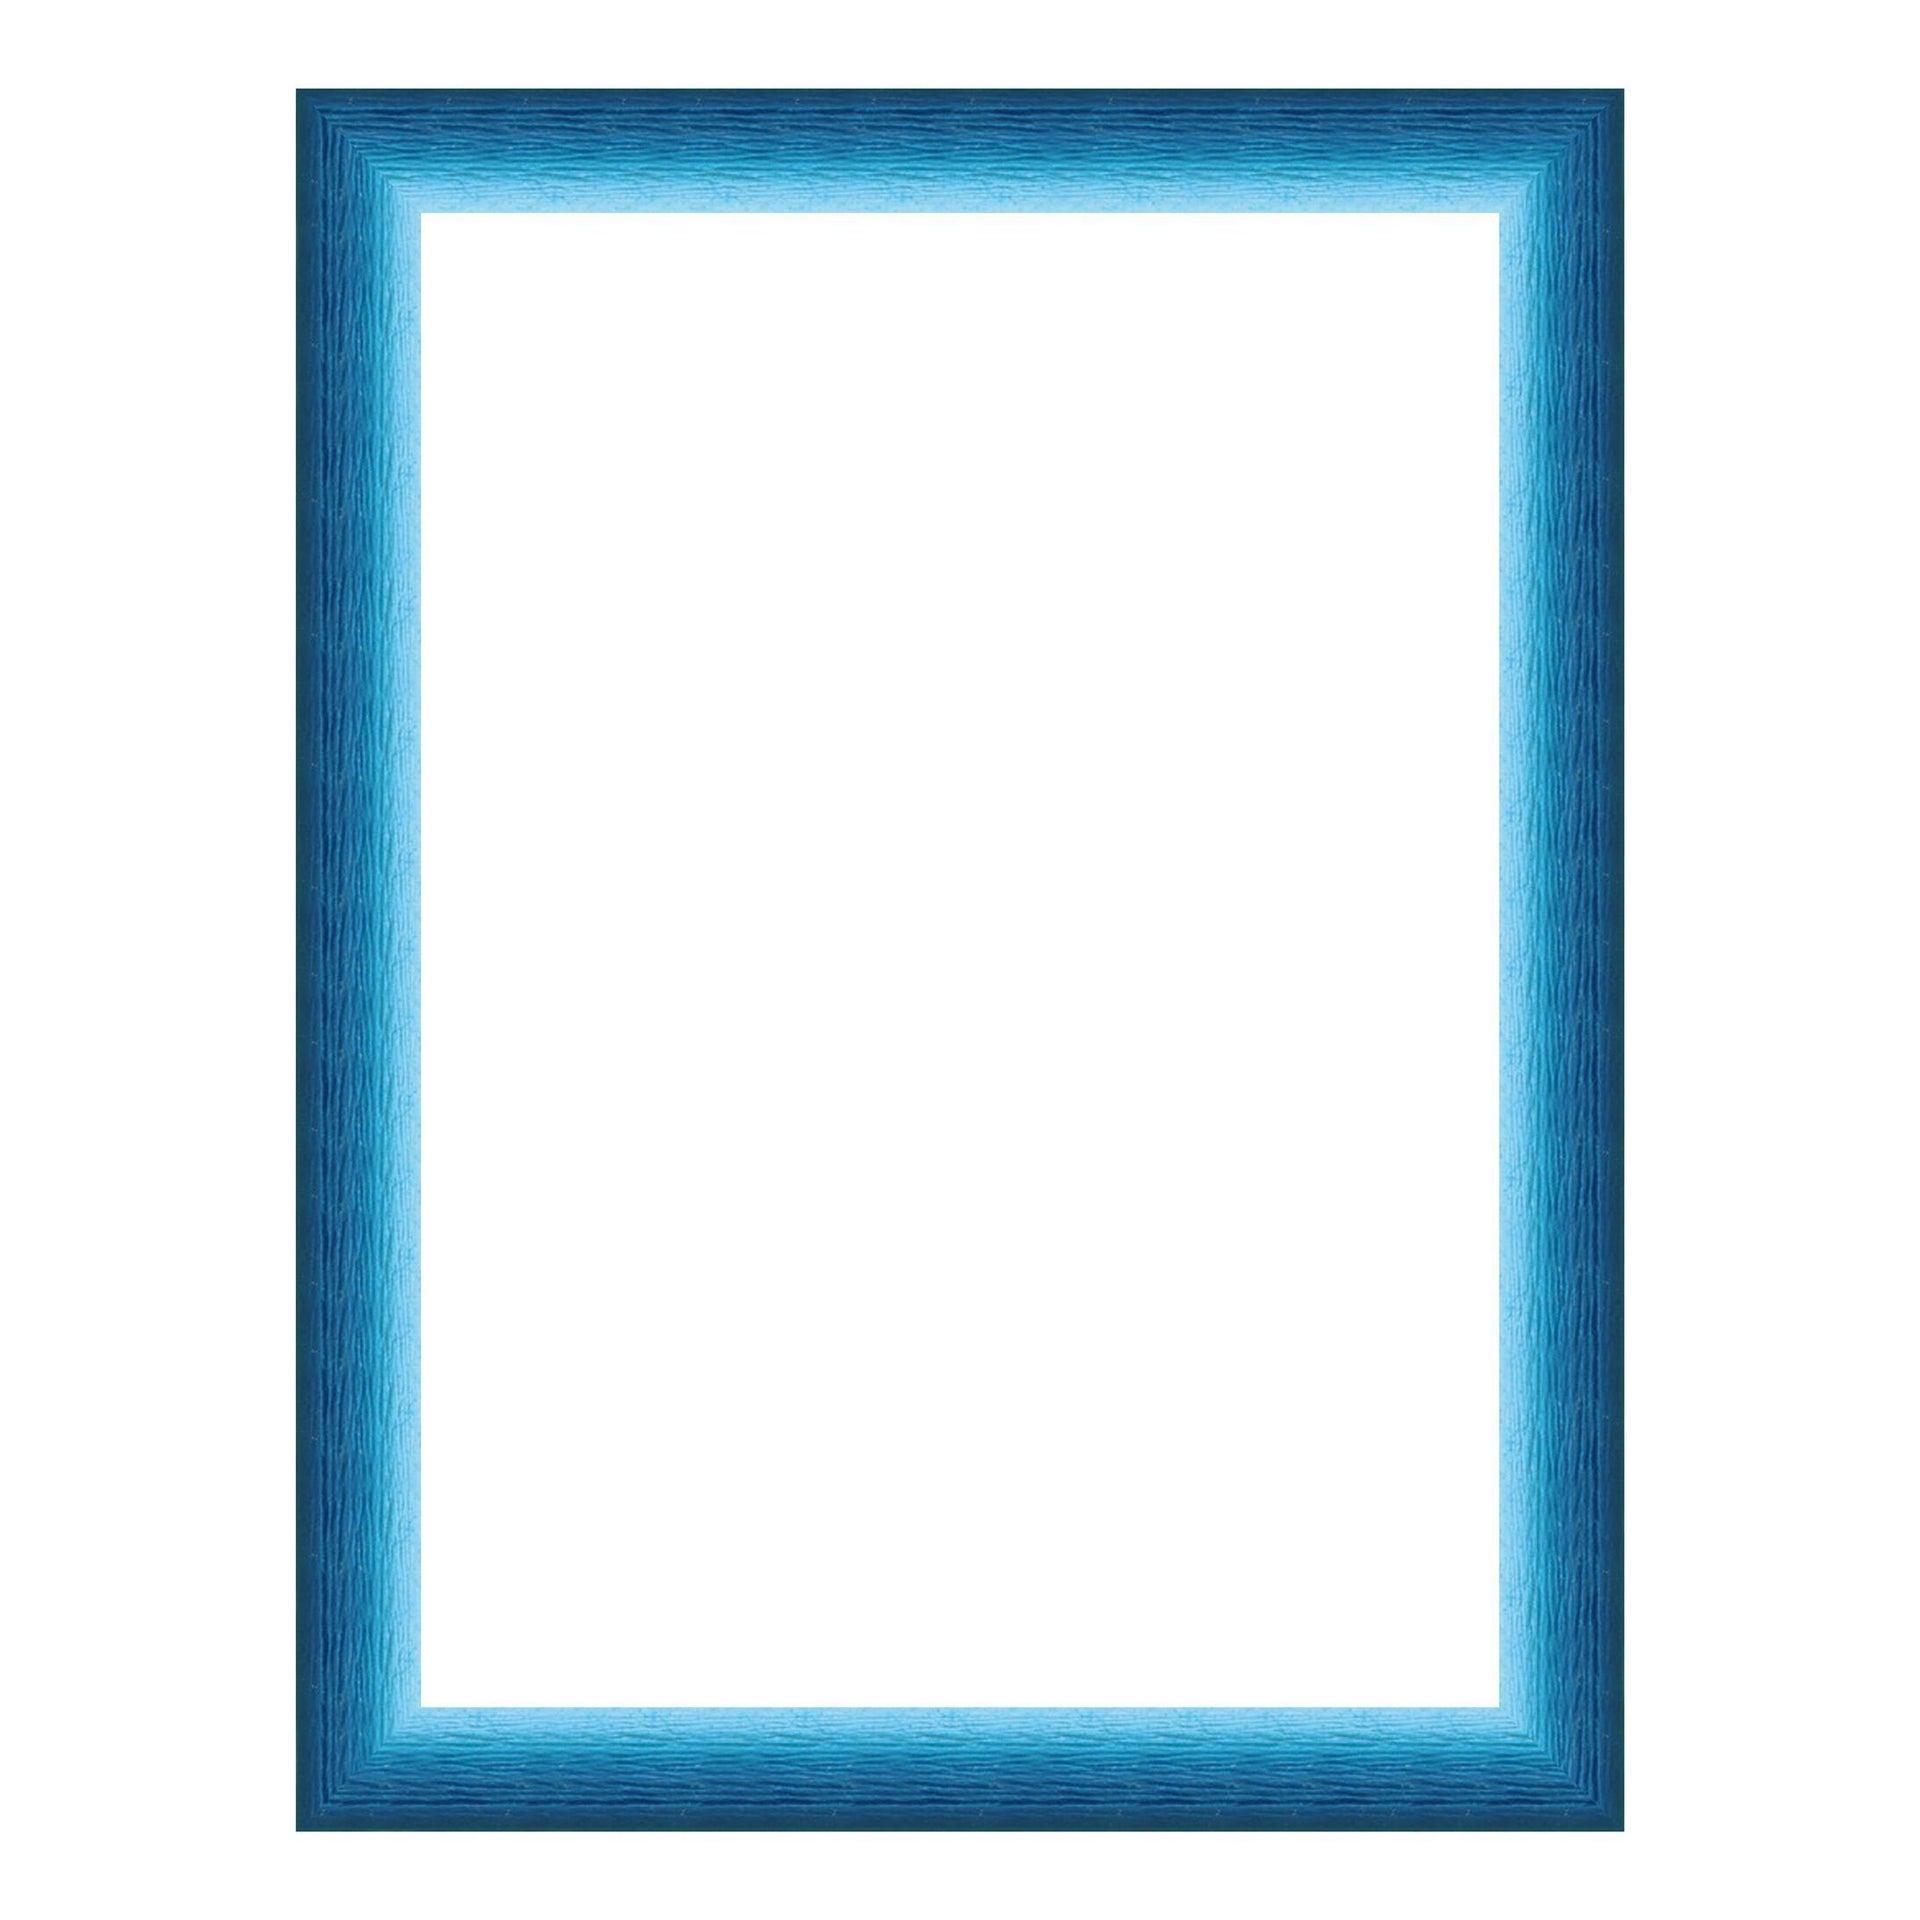 Cornice INSPIRE Bicolor azzurro<multisep/>blu per foto da 13x18 cm - 1